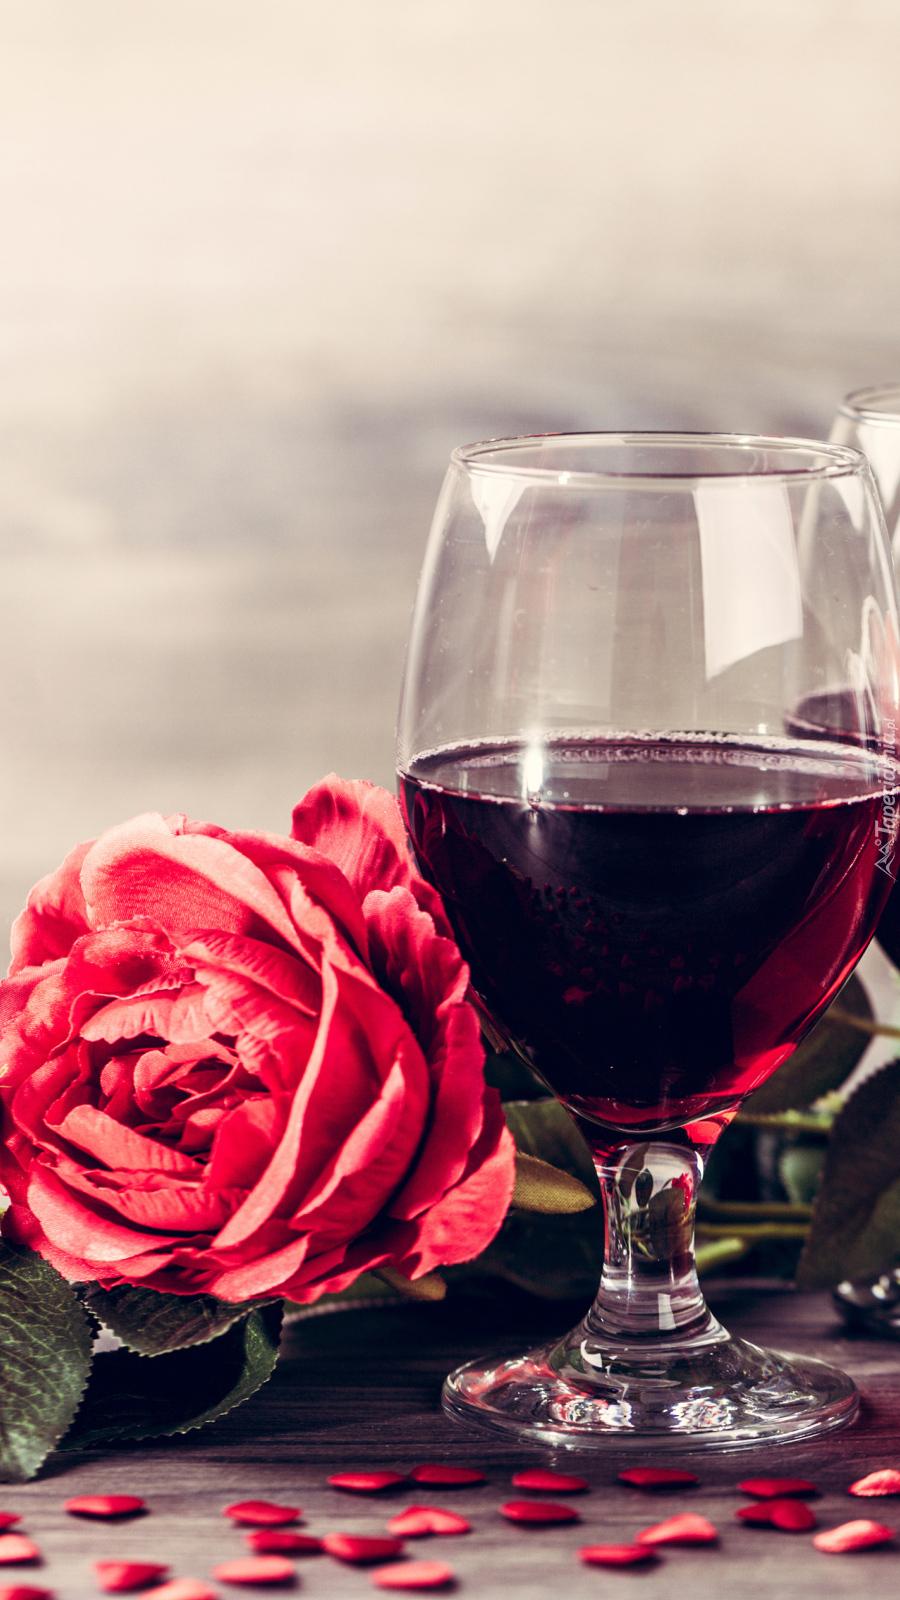 Róża przy kieliszku z winem